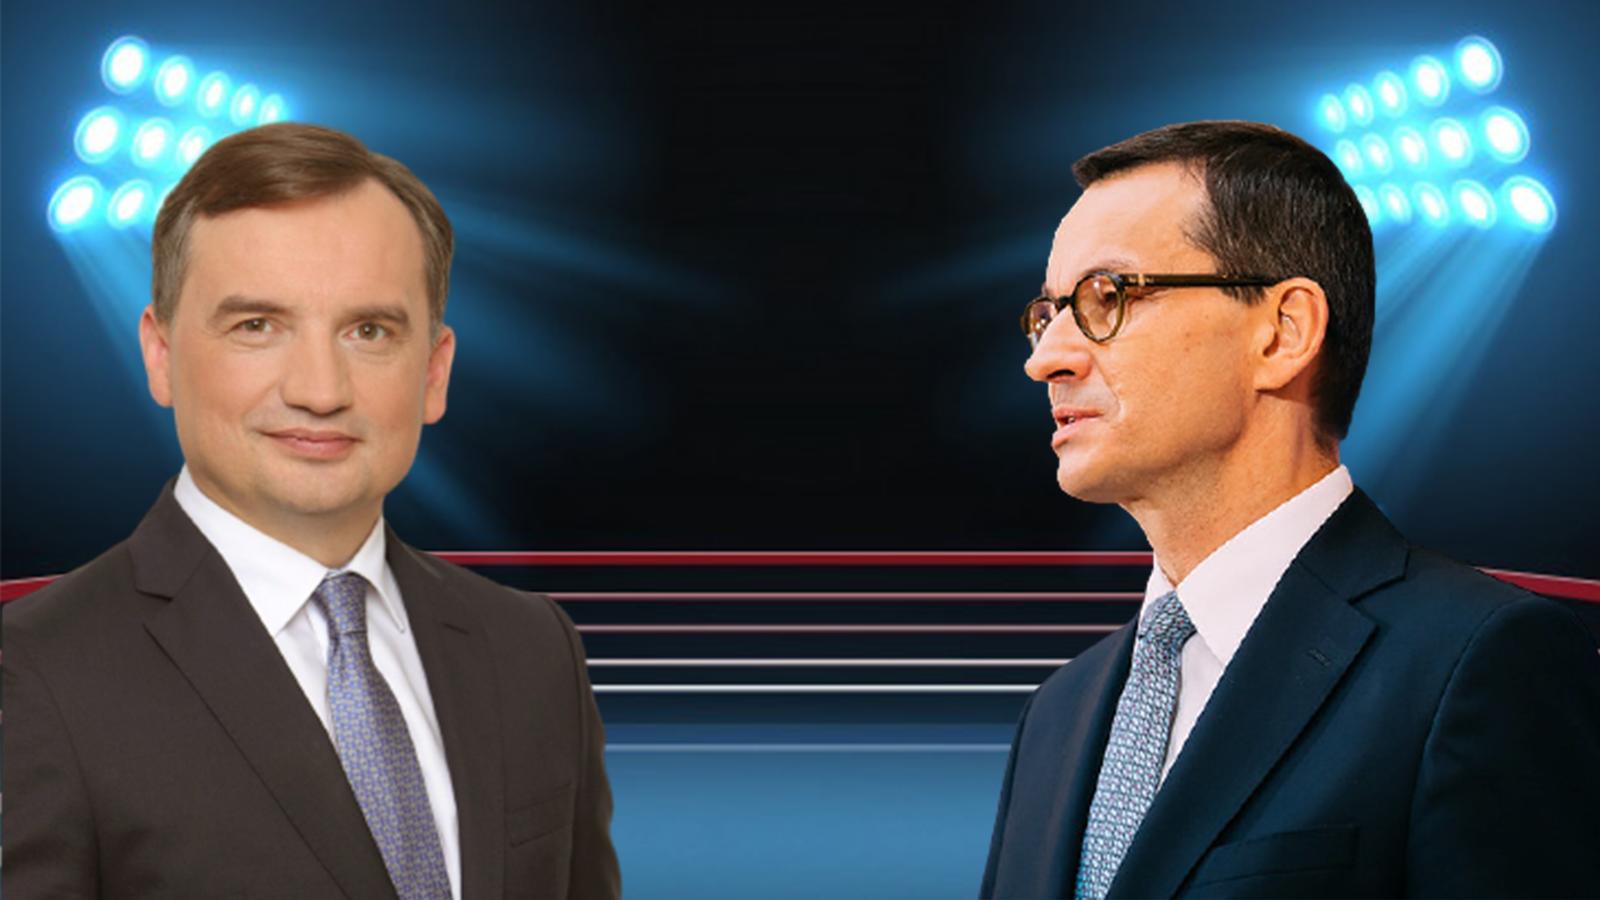 Kto przejmie schedę poKaczyńskim? Poseł PiS komentuje